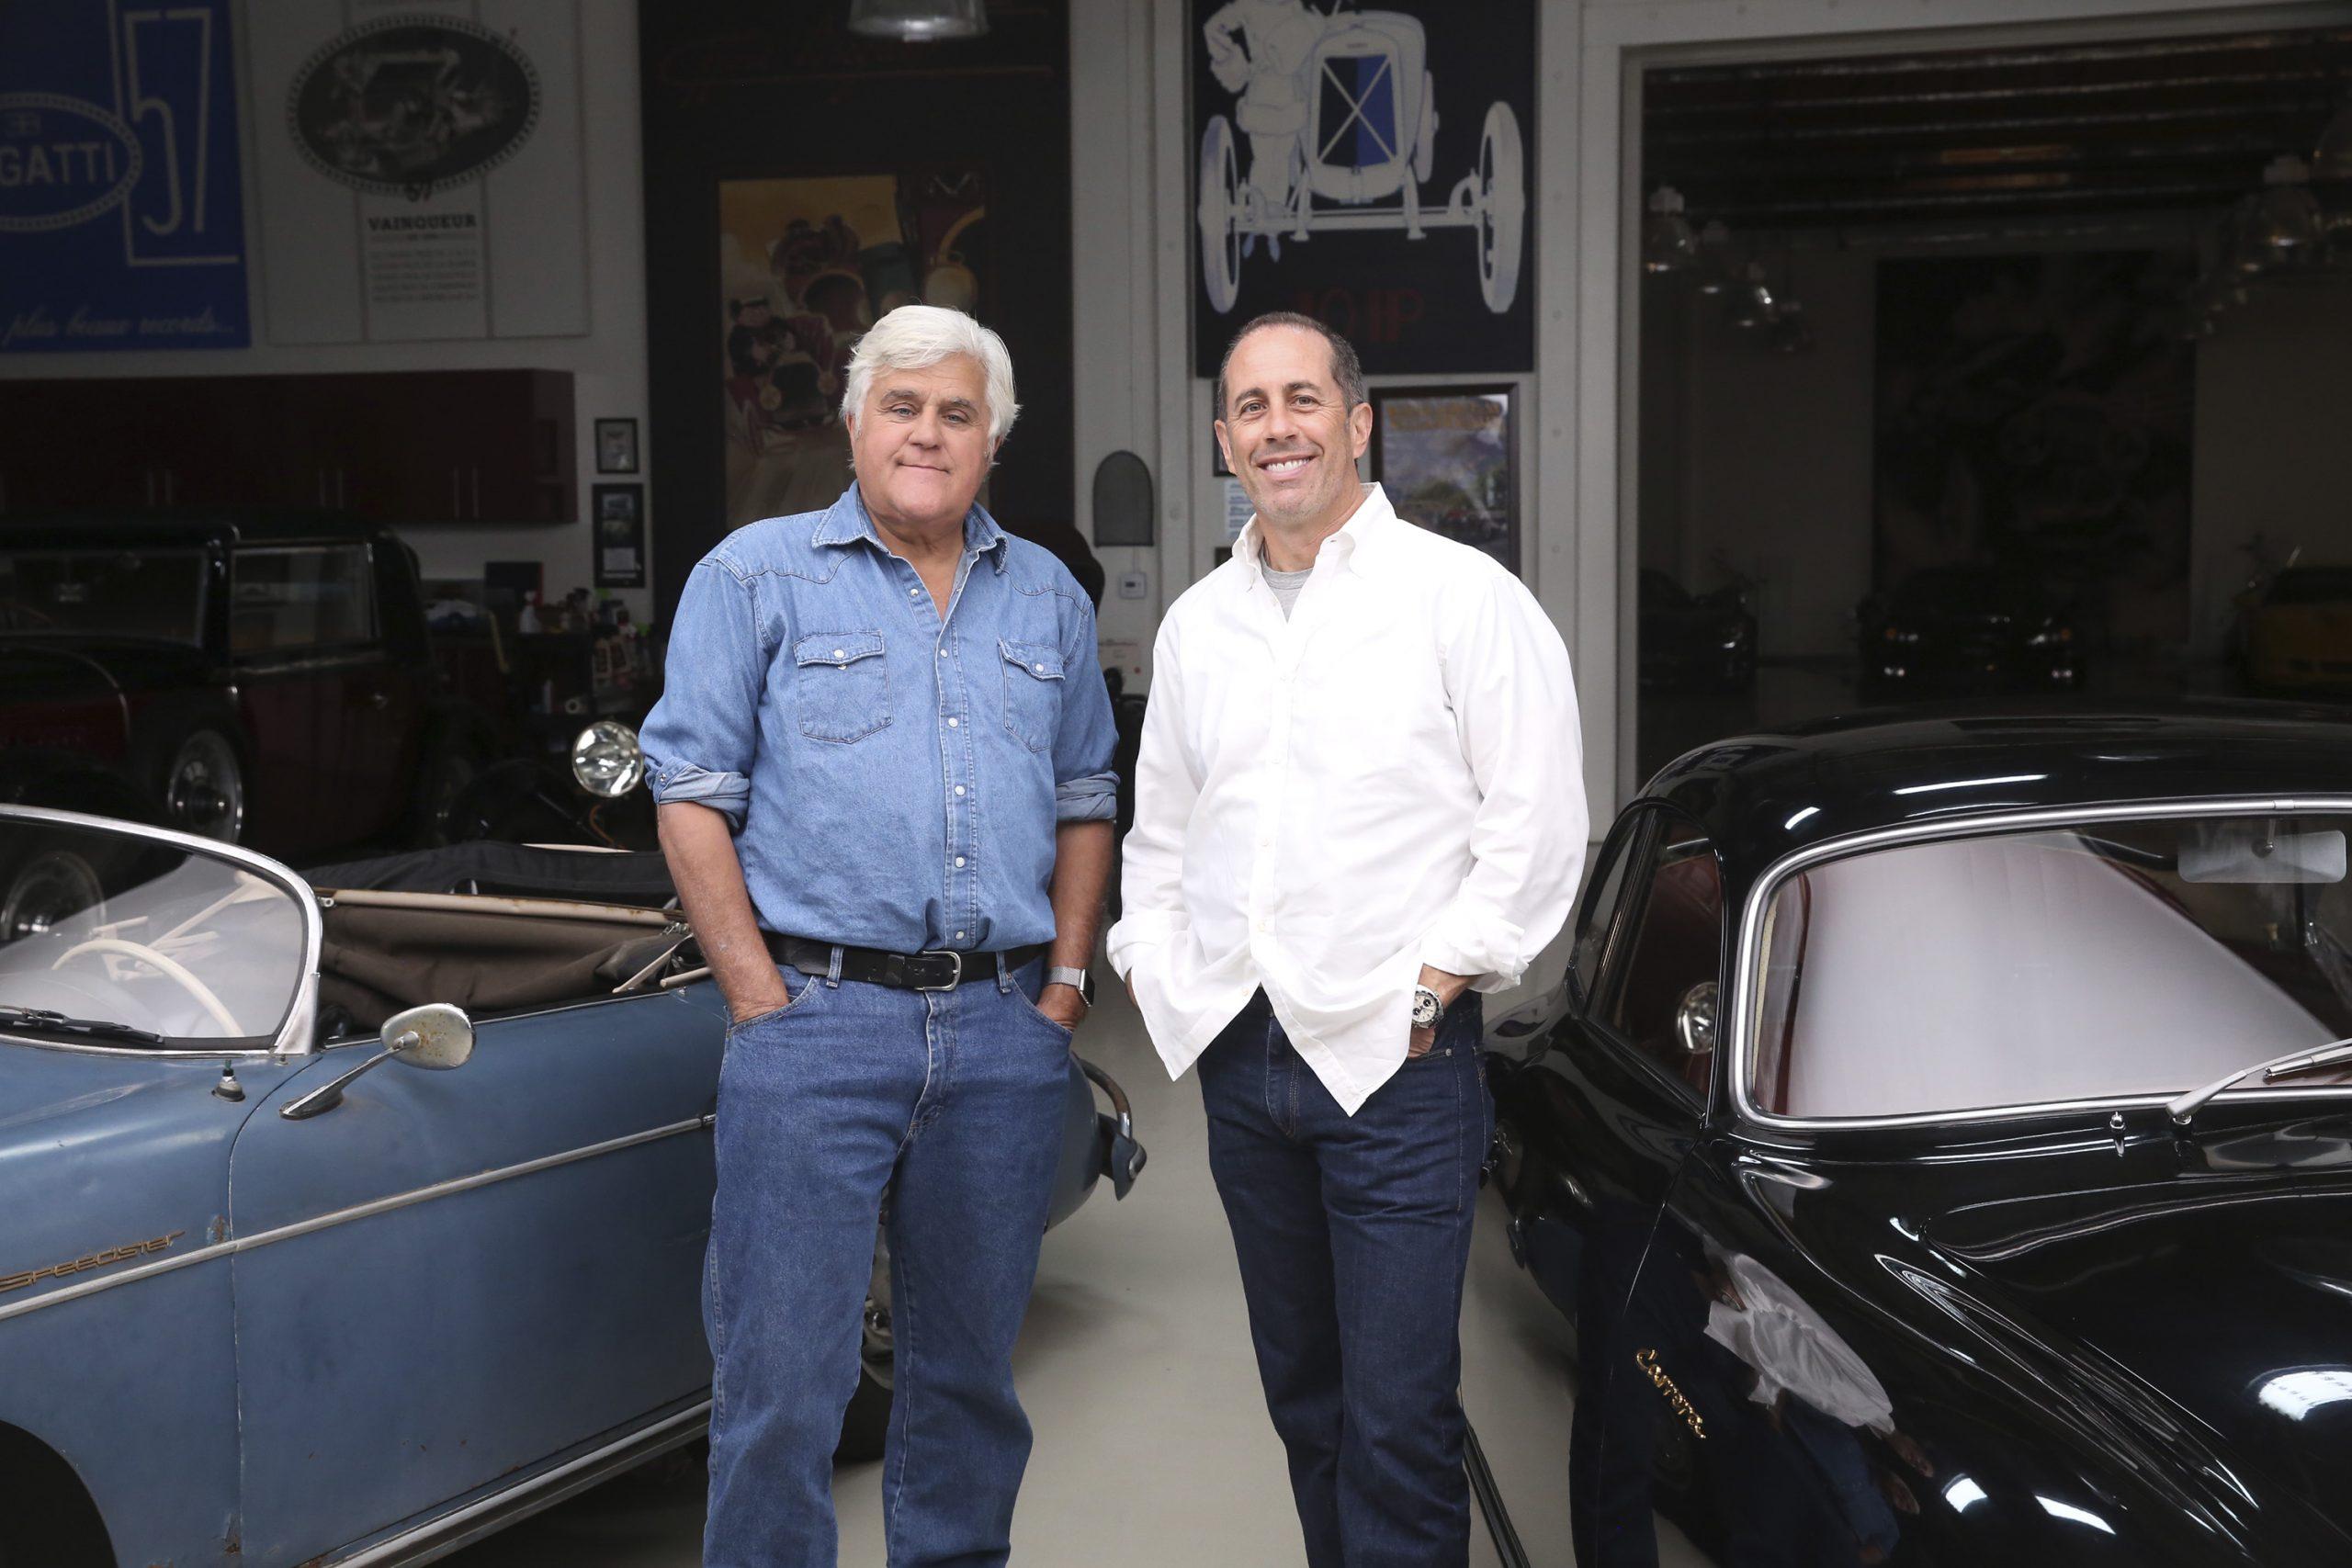 Jerry Seinfeld and Jay Leno